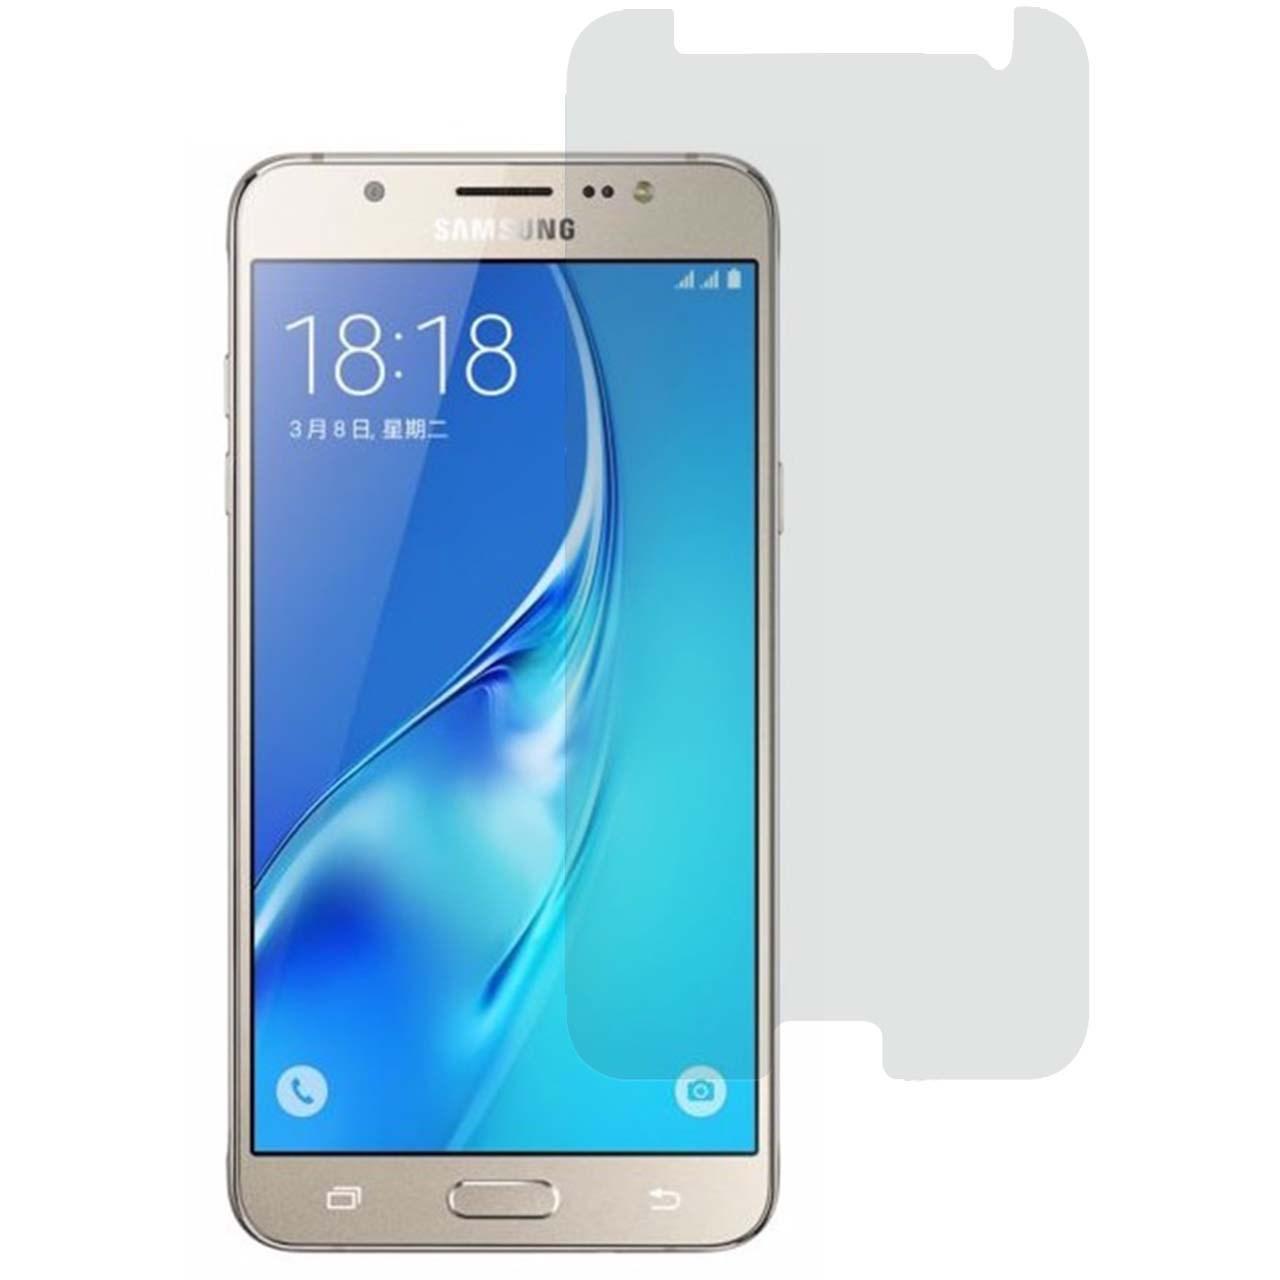 محافظ صفحه نمایش شیشه ای 9 اچ مناسب برای گوشی موبایل سامسونگ J7 2016